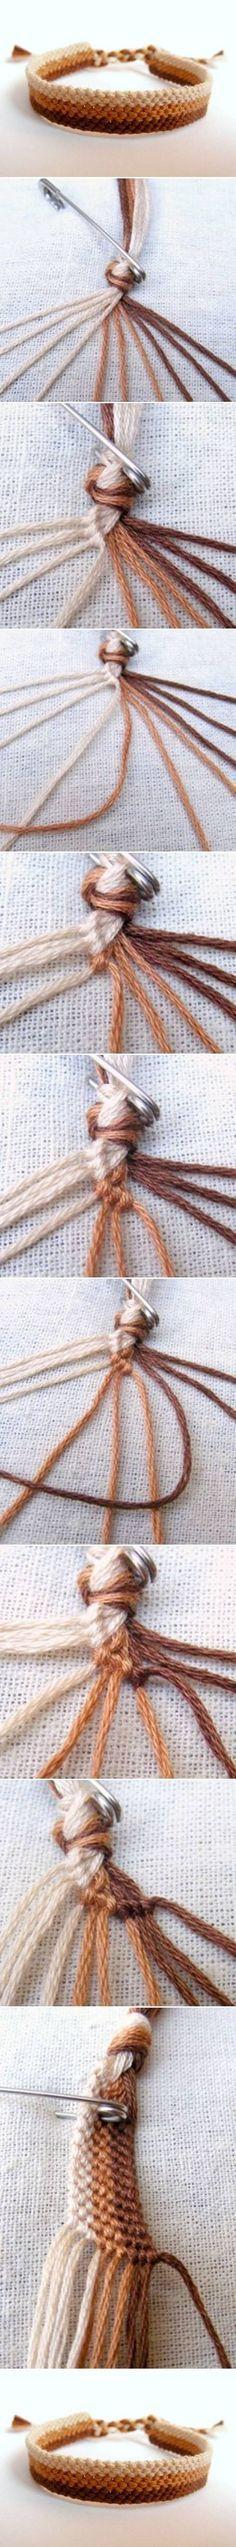 DIY Weave Braclet                                                       …